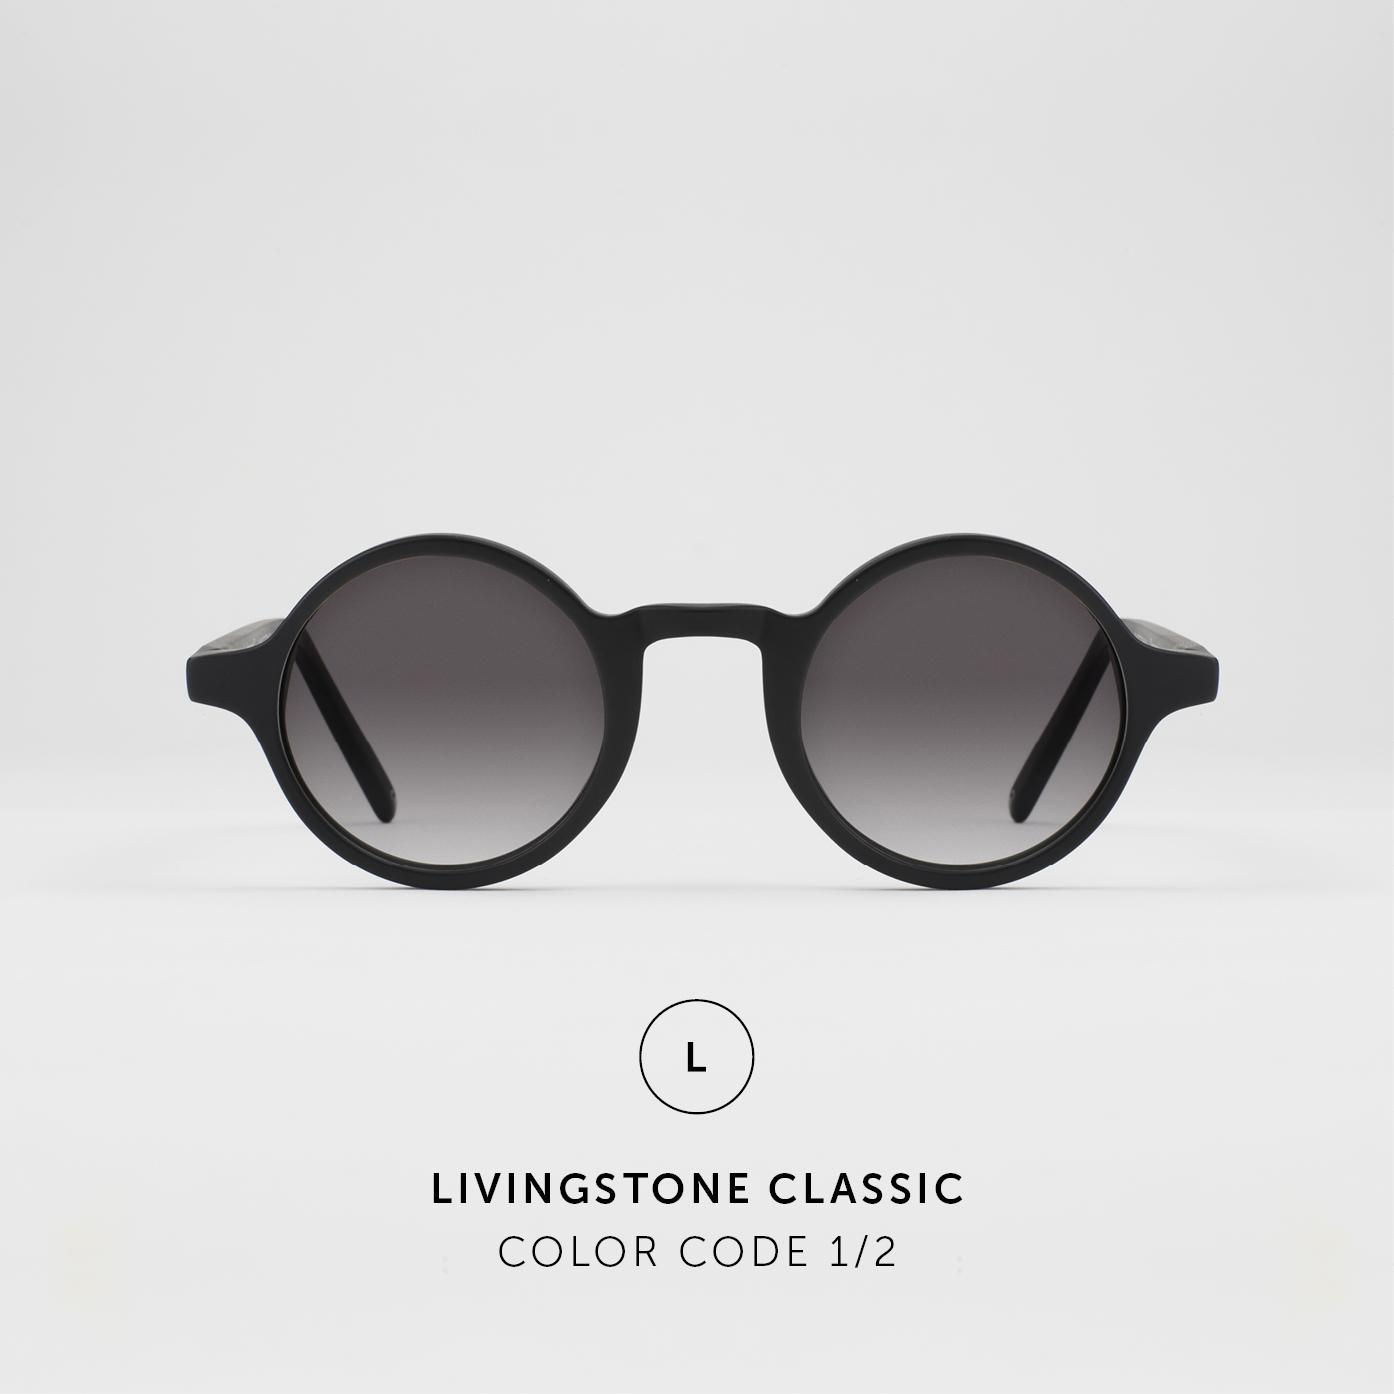 LivingstoneClassic7.jpg